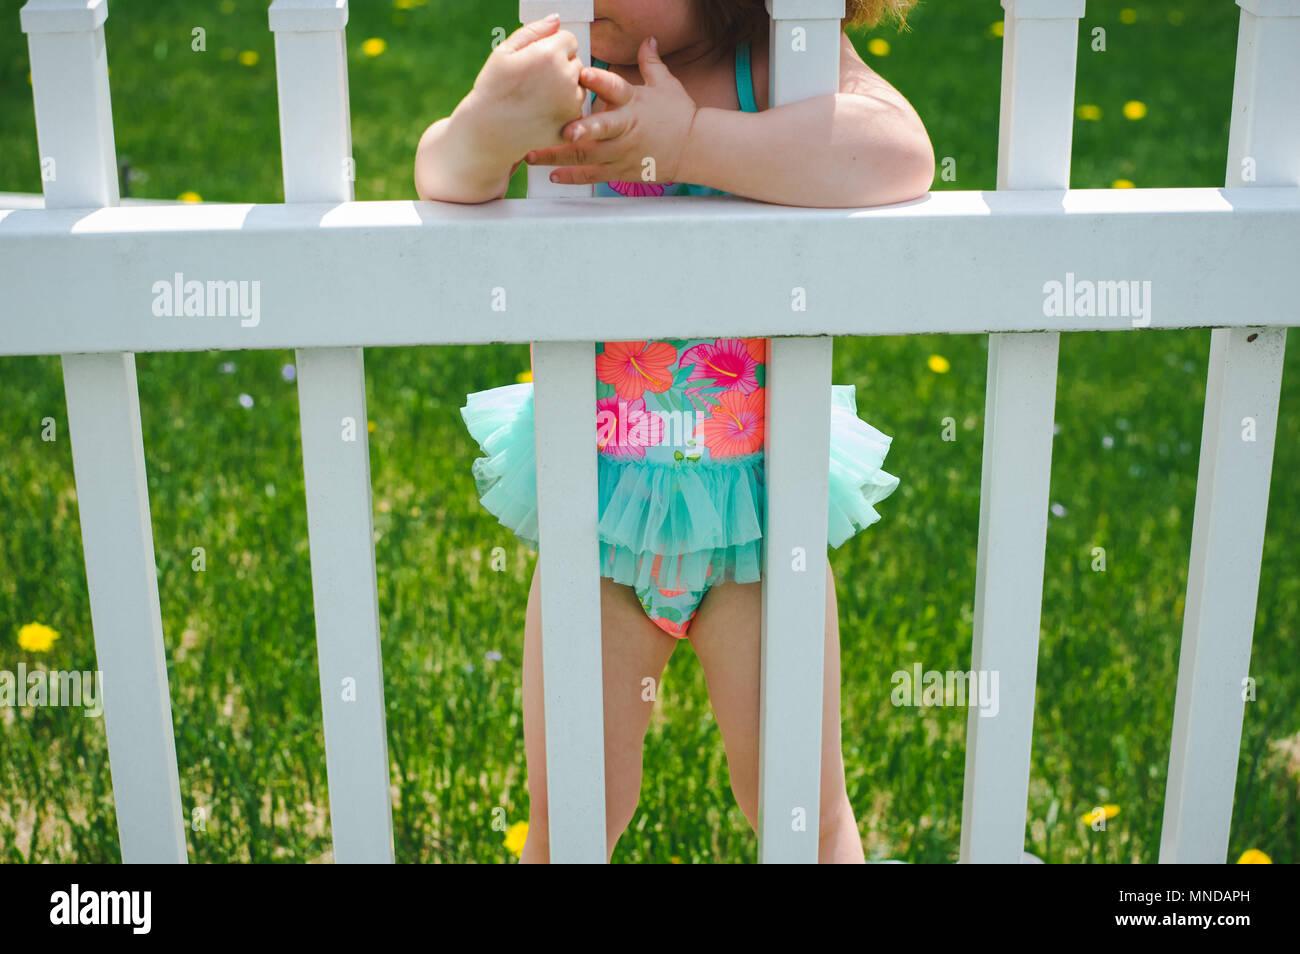 Eine gesichtslose Kleinkind Mädchen mit einem bunten Badeanzug mit Blumen. Stockfoto